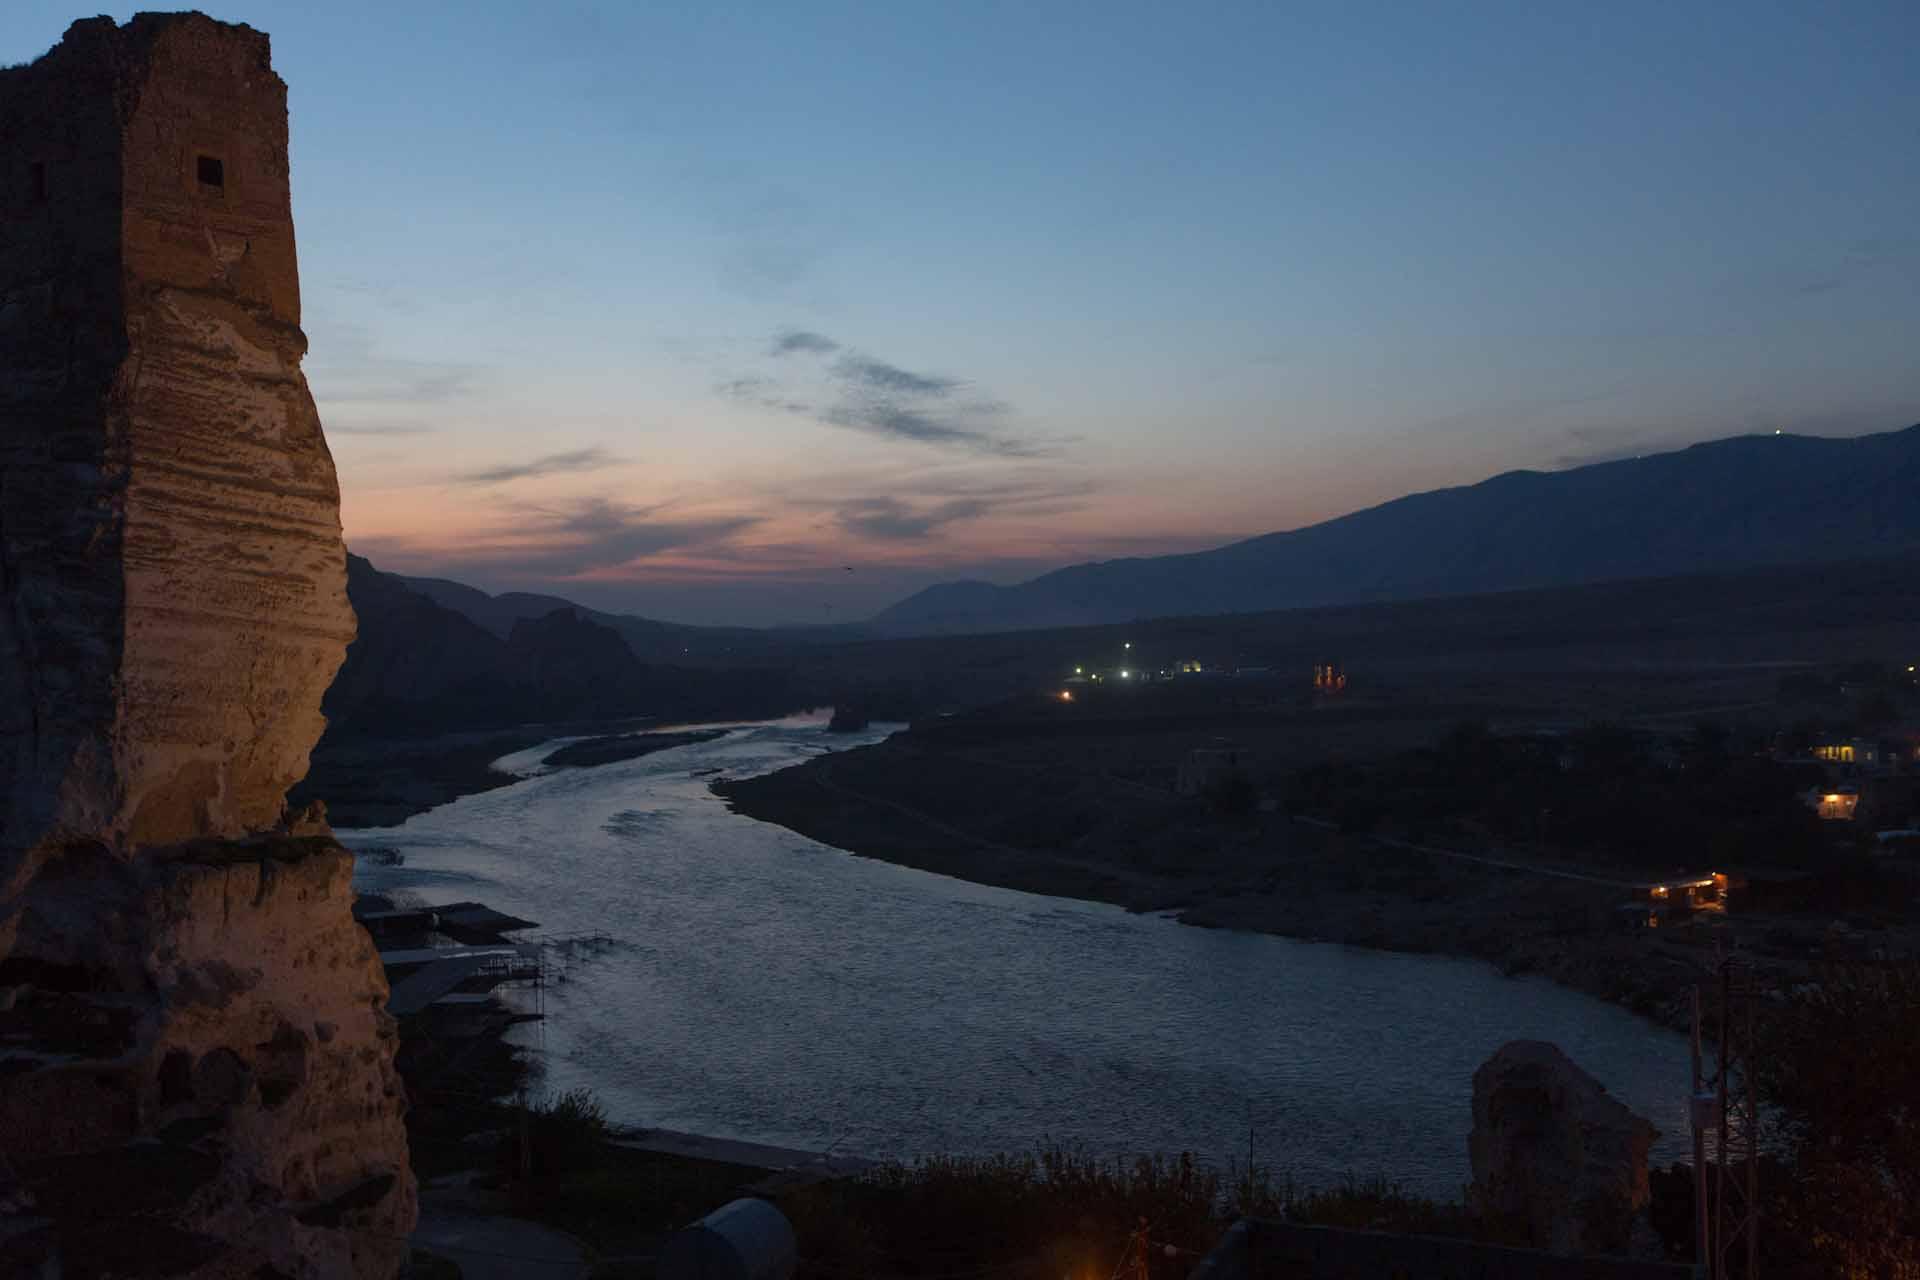 Blick auf den Tigris (Dicle), links die Festung von Hasankeyf.